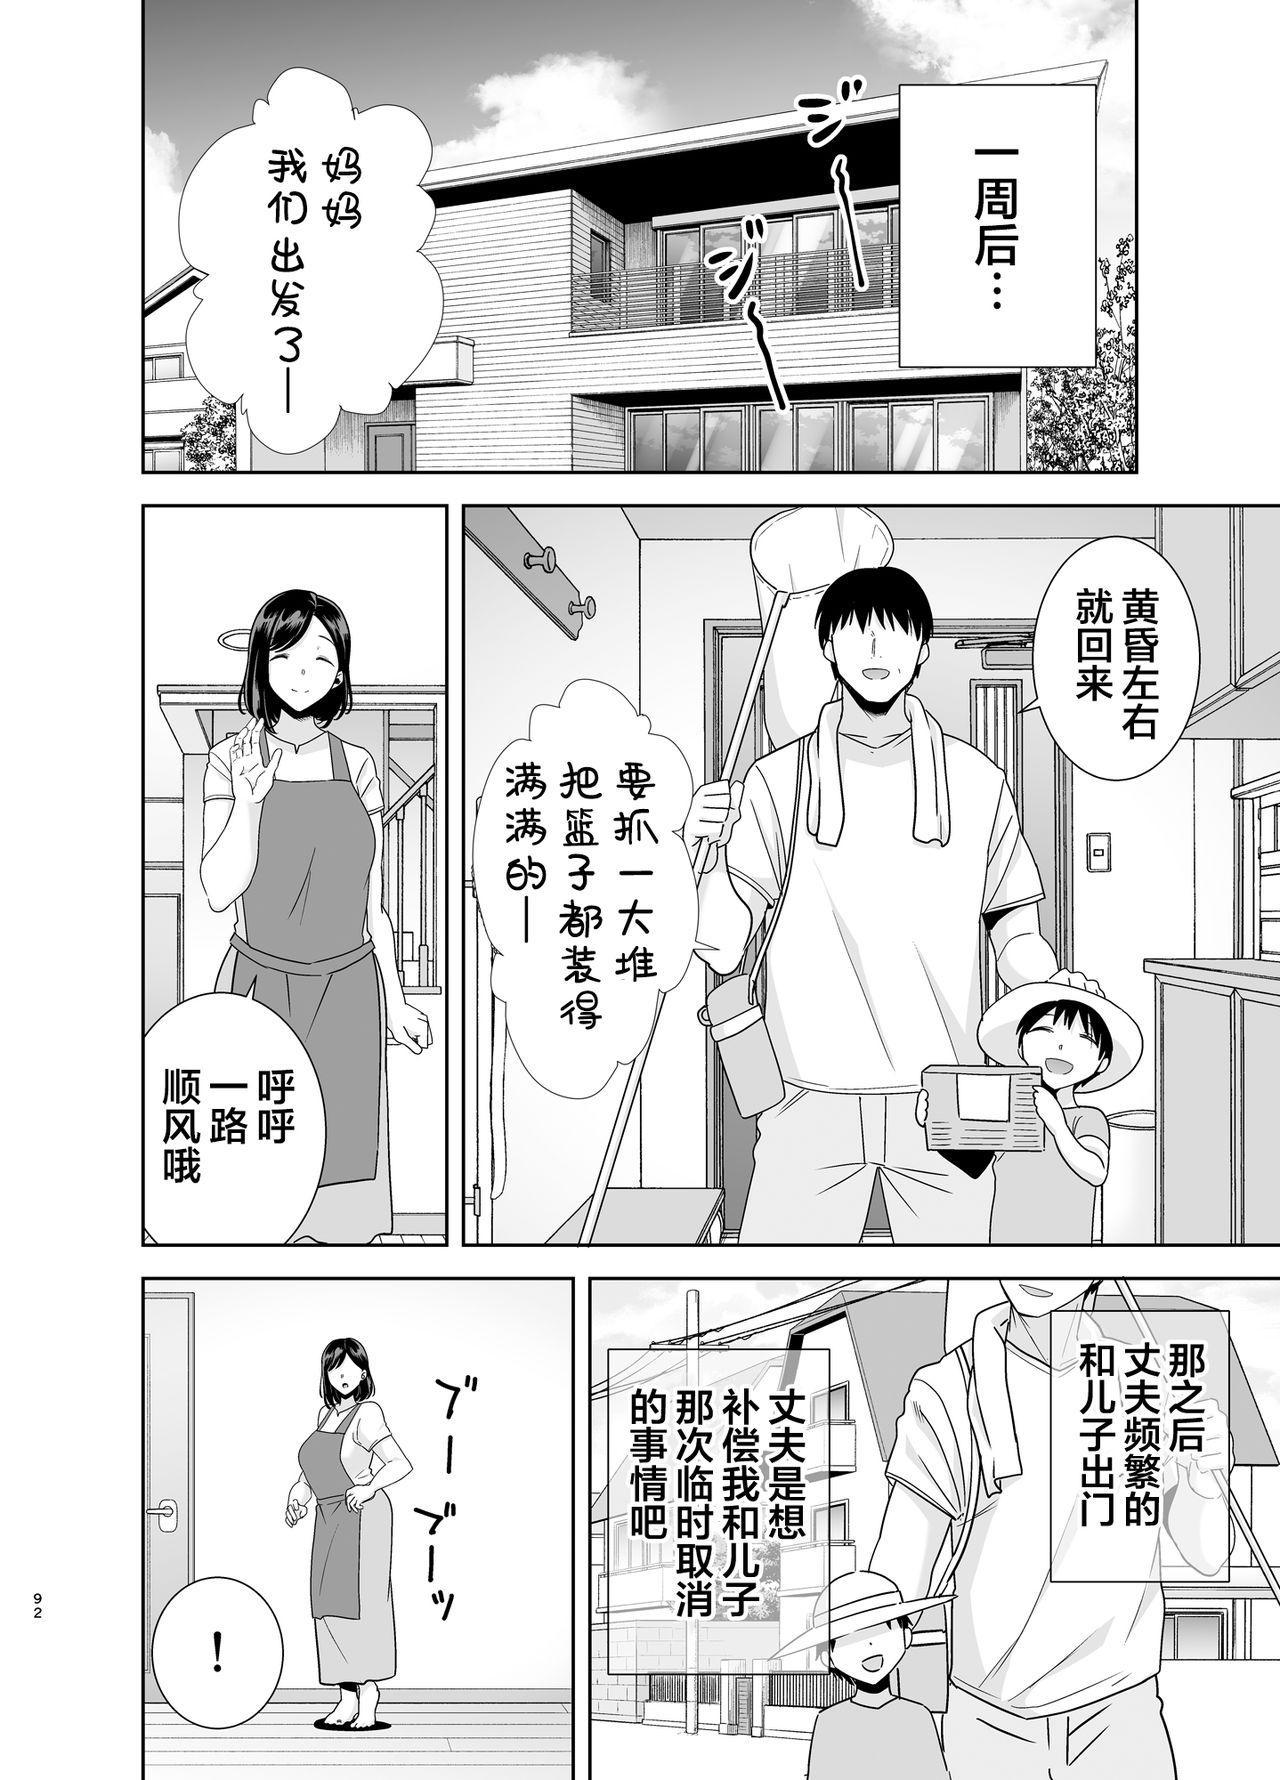 [DOLL PLAY (Kurosu Gatari)] Natsuzuma ~Natsu, Ryokan, Nanpa Otoko-tachi ni Ochita Tsuma~ Megane Nashi [Chinese] [翻车汉化组] 90